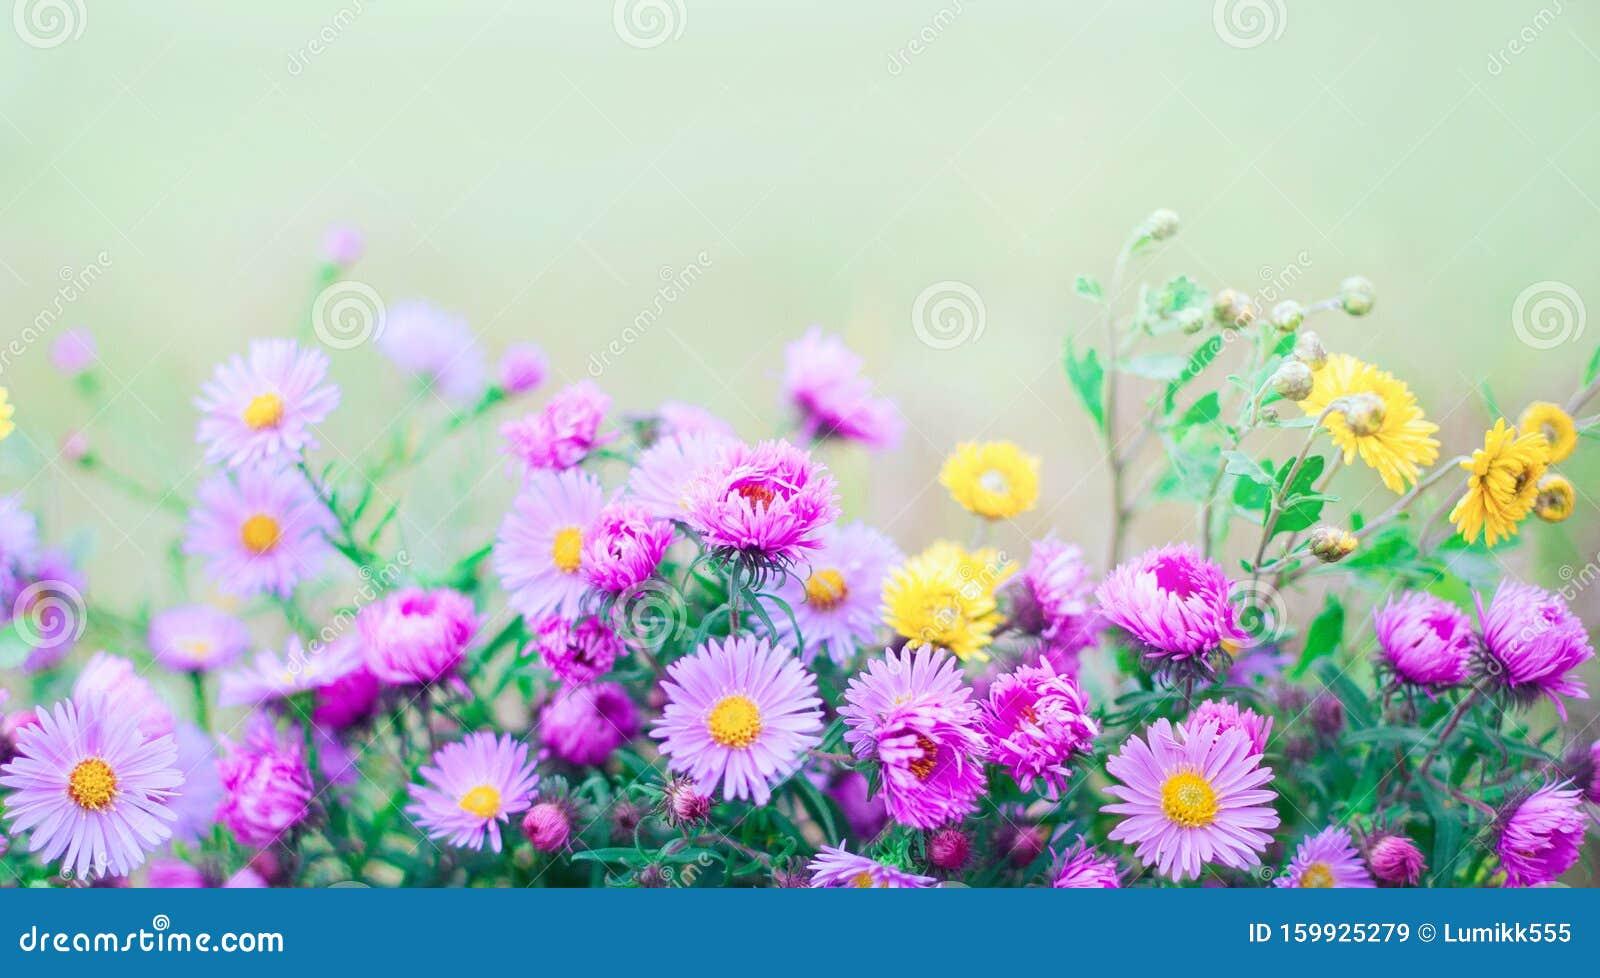 blommor i naturen